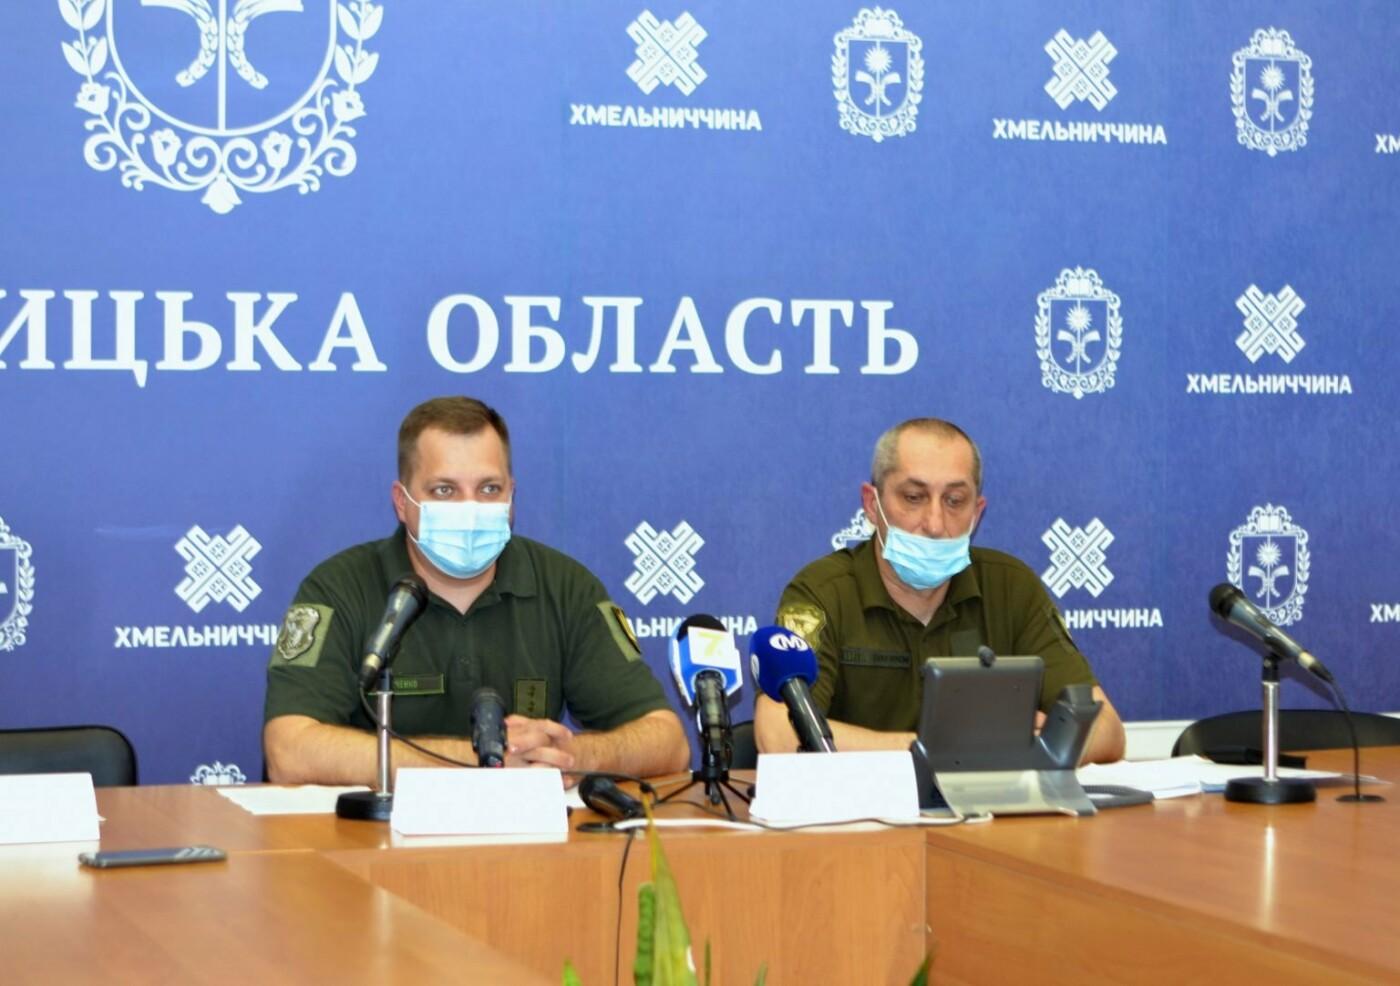 Цього літа військові однострої на Хмельниччині одягнуть 630 юнаків, фото-1, Фото: Хмельницька ОДА